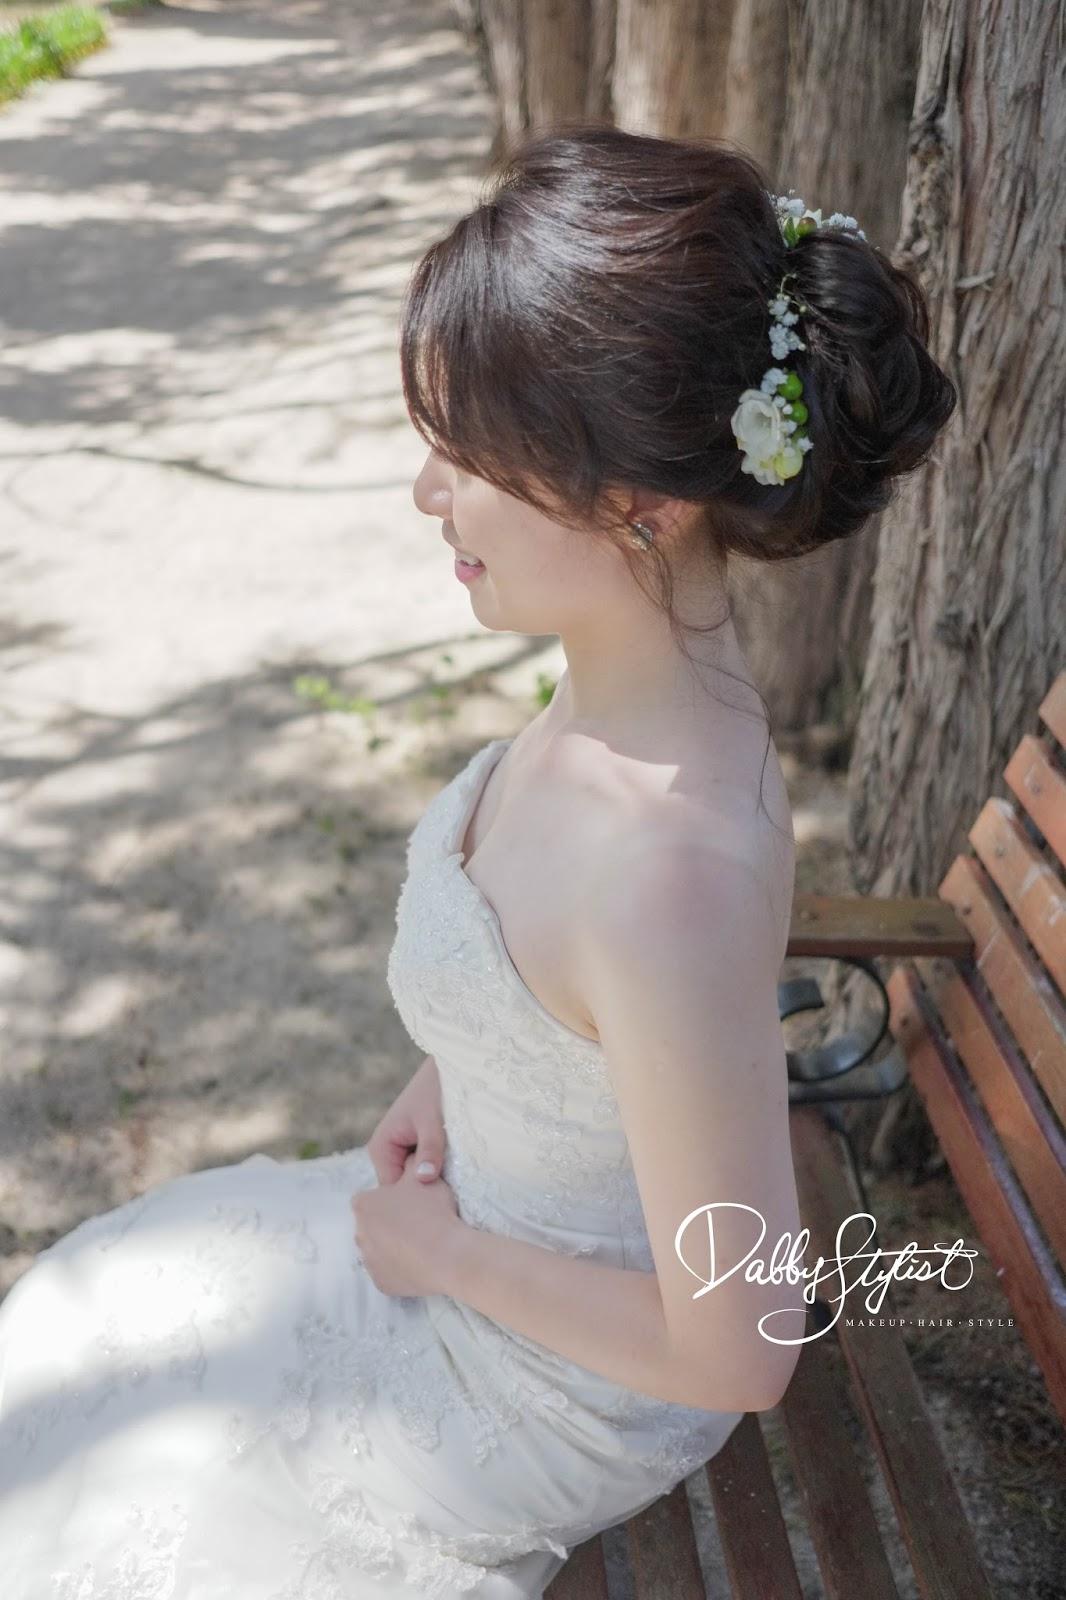 戶外婚禮, 台中新秘, 婚宴造型, 婚禮現場, 婚禮造型, 新娘秘書, 新娘髮型, 新秘阿桂Dabby, 新秘推薦, 澳洲墨爾本,